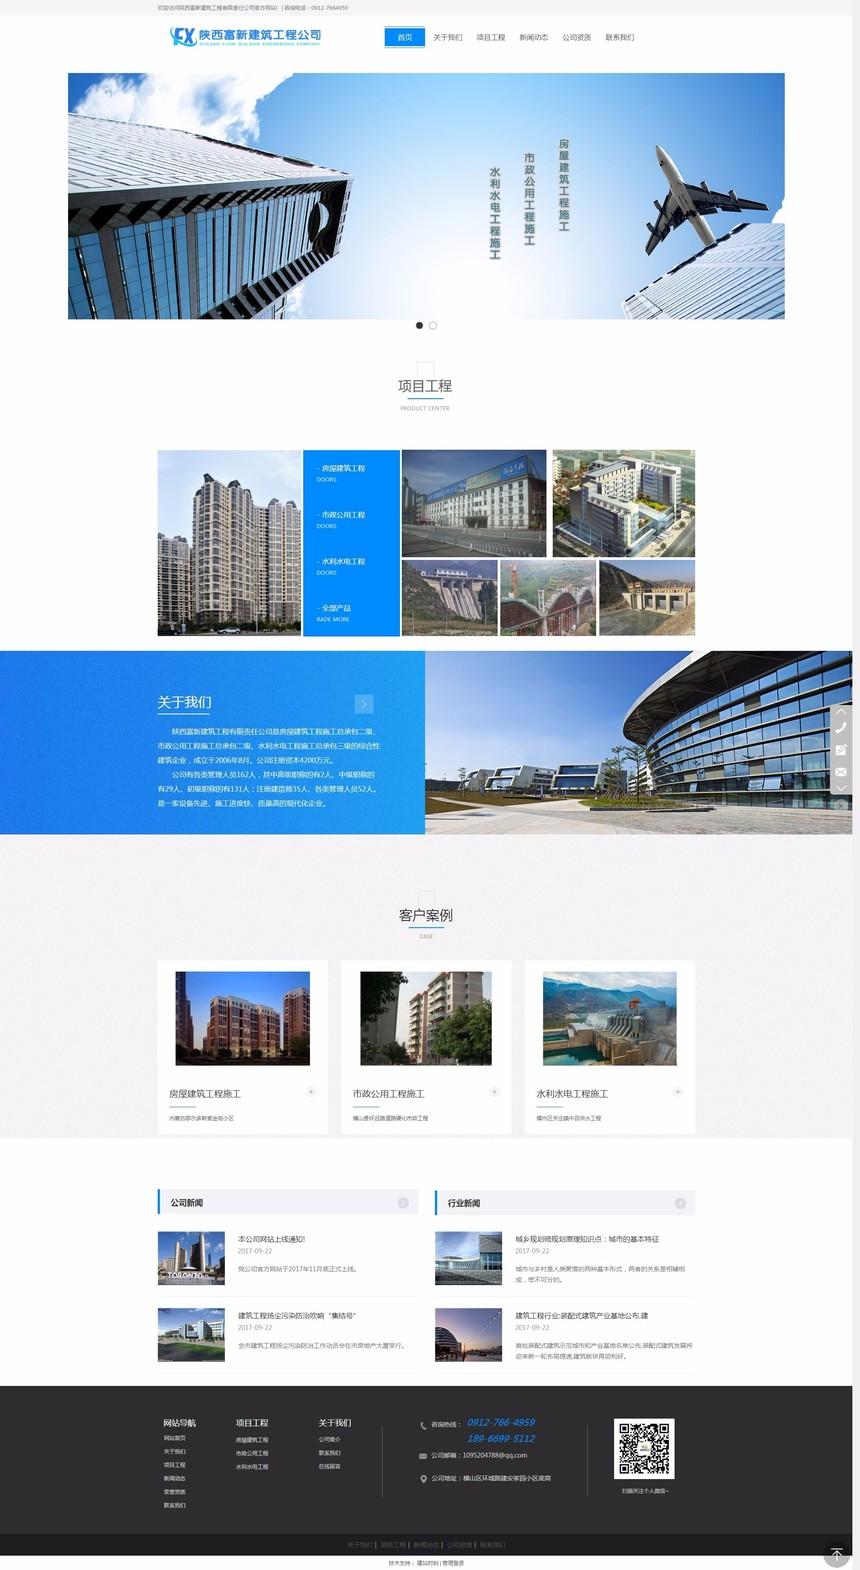 陕西富新建筑工程有限责任公司_榆林自助建站